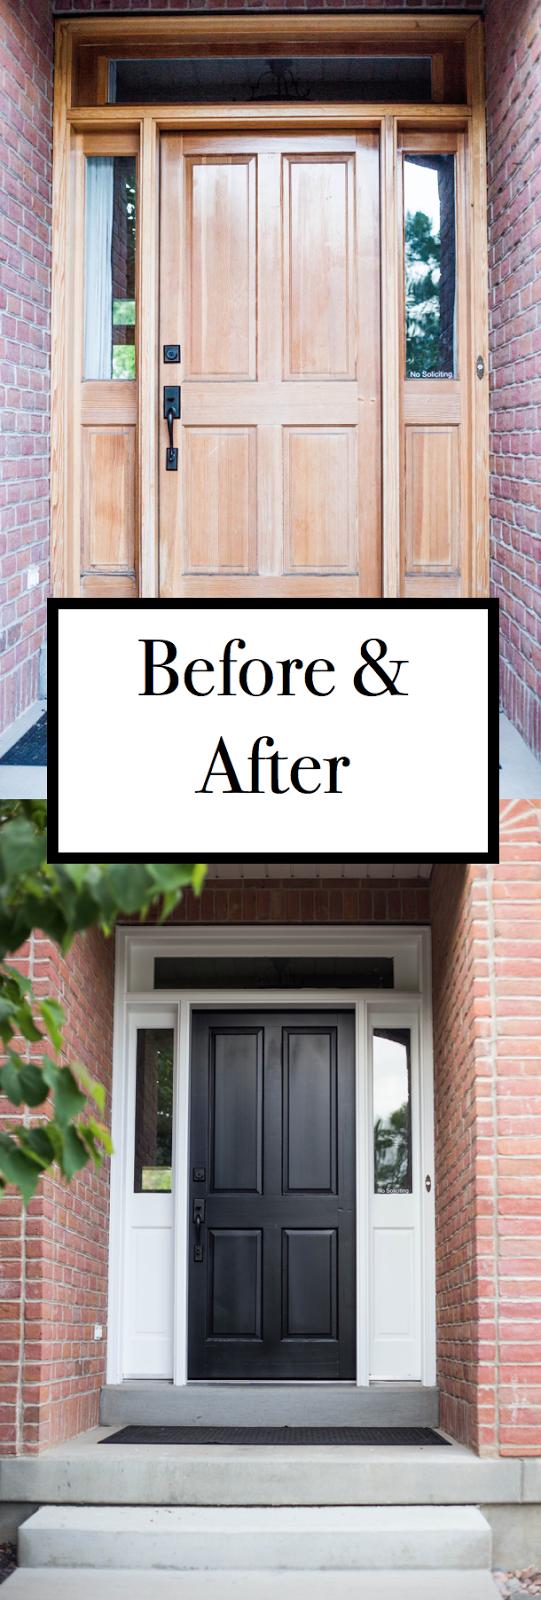 How To how to refinish front door images : do it yourself divas: DIY Refinish Front Door